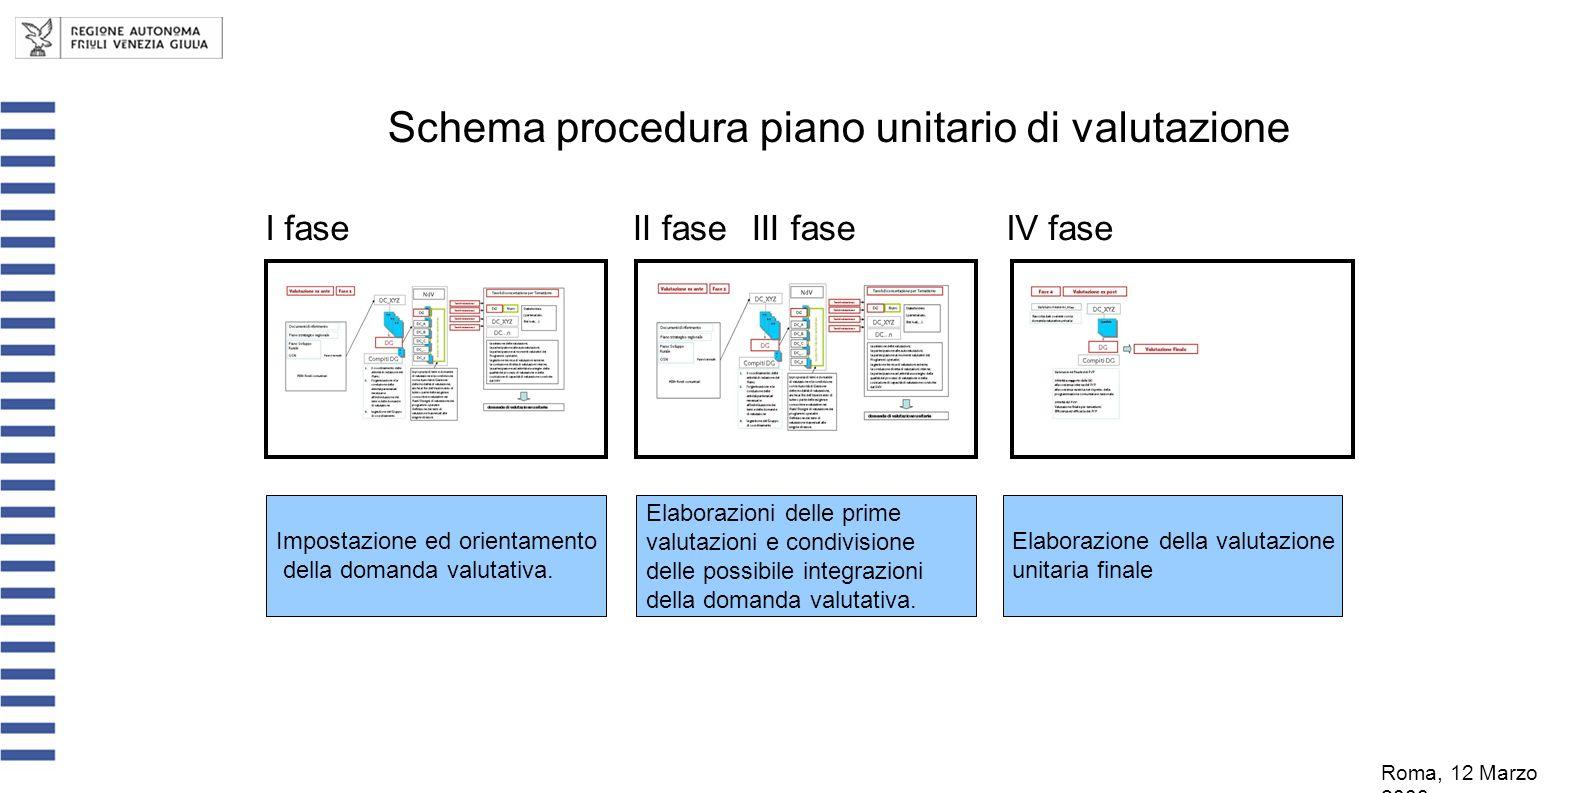 Schema procedura piano unitario di valutazione Impostazione ed orientamento della domanda valutativa.